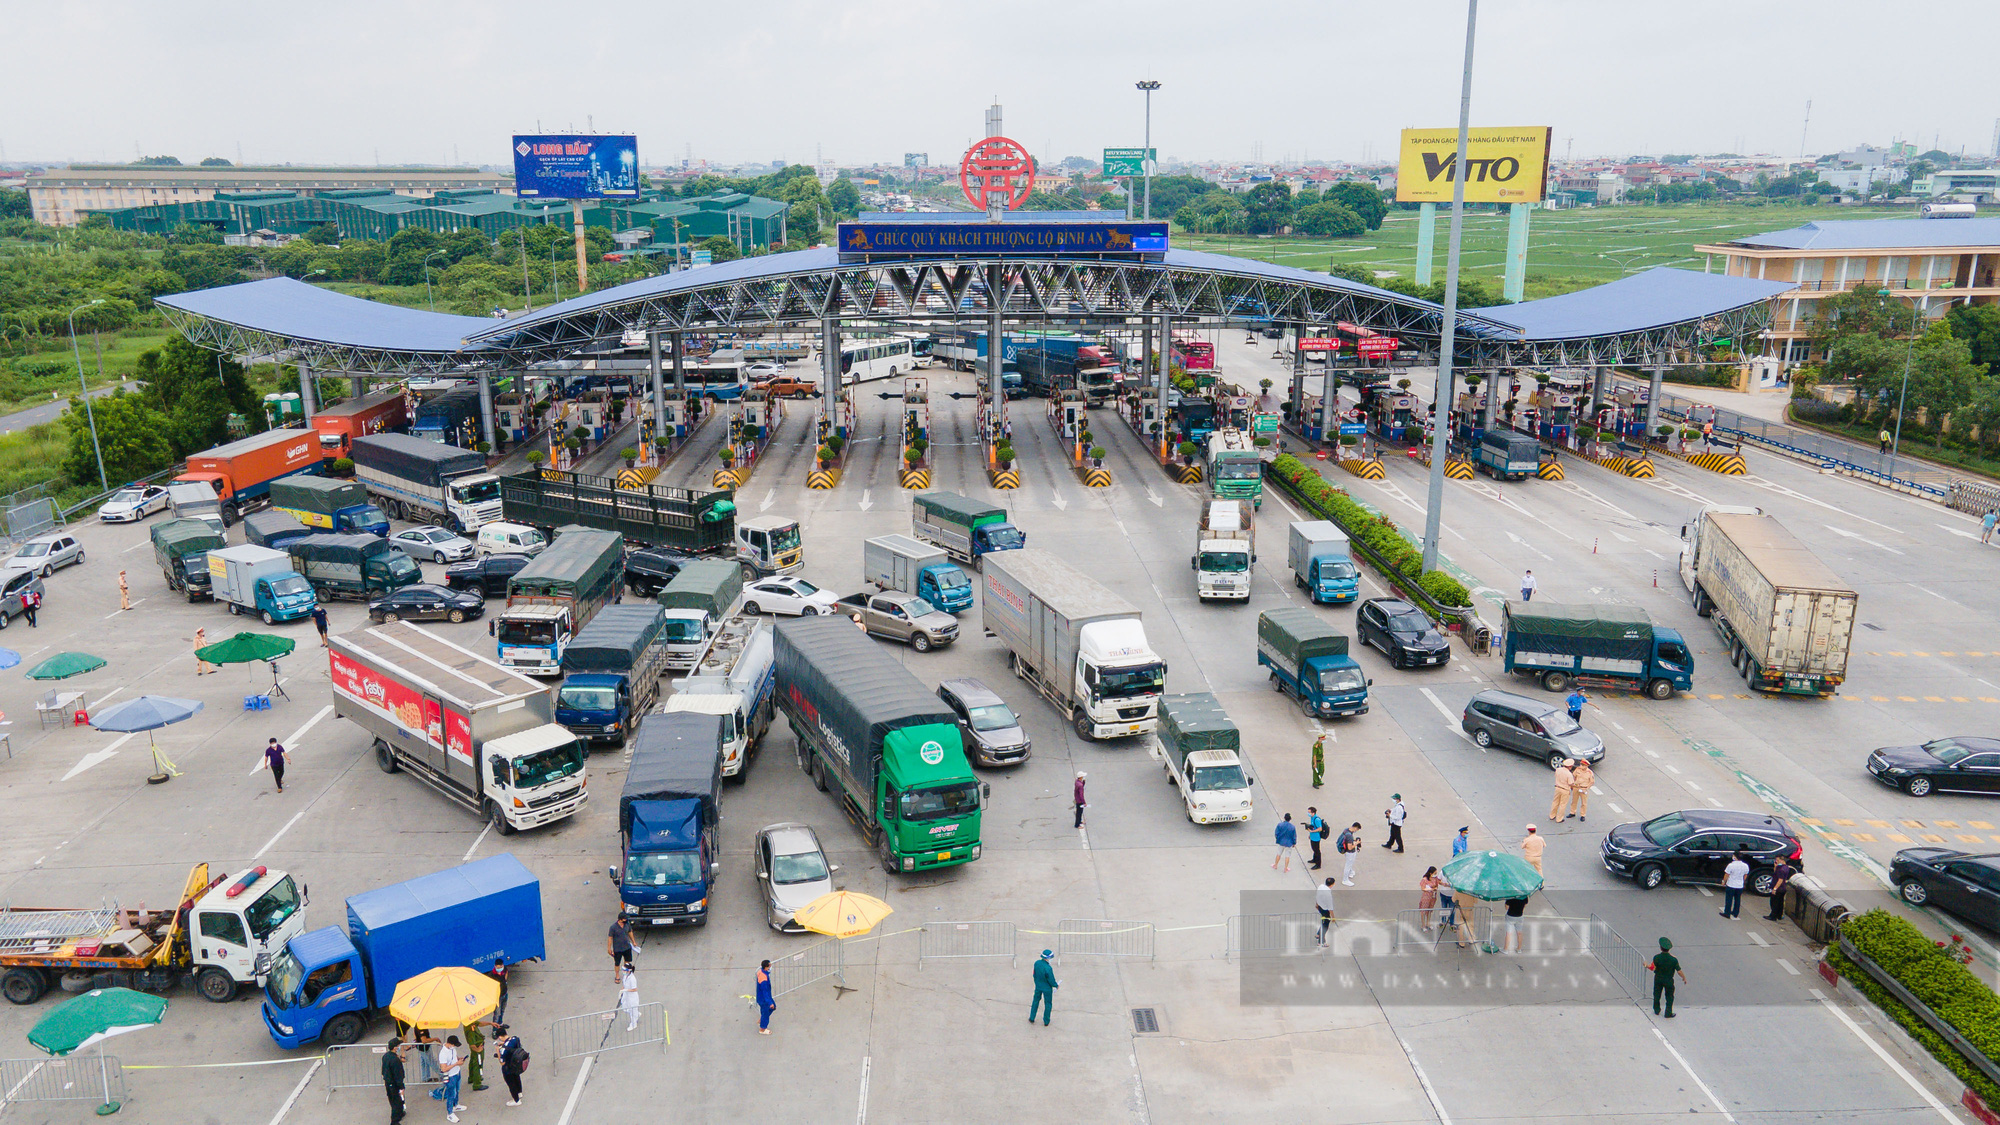 Tài xế đi hơn 1000km từ Vĩnh Long ra Hà Nội bị yêu cầu quay xe - Ảnh 2.